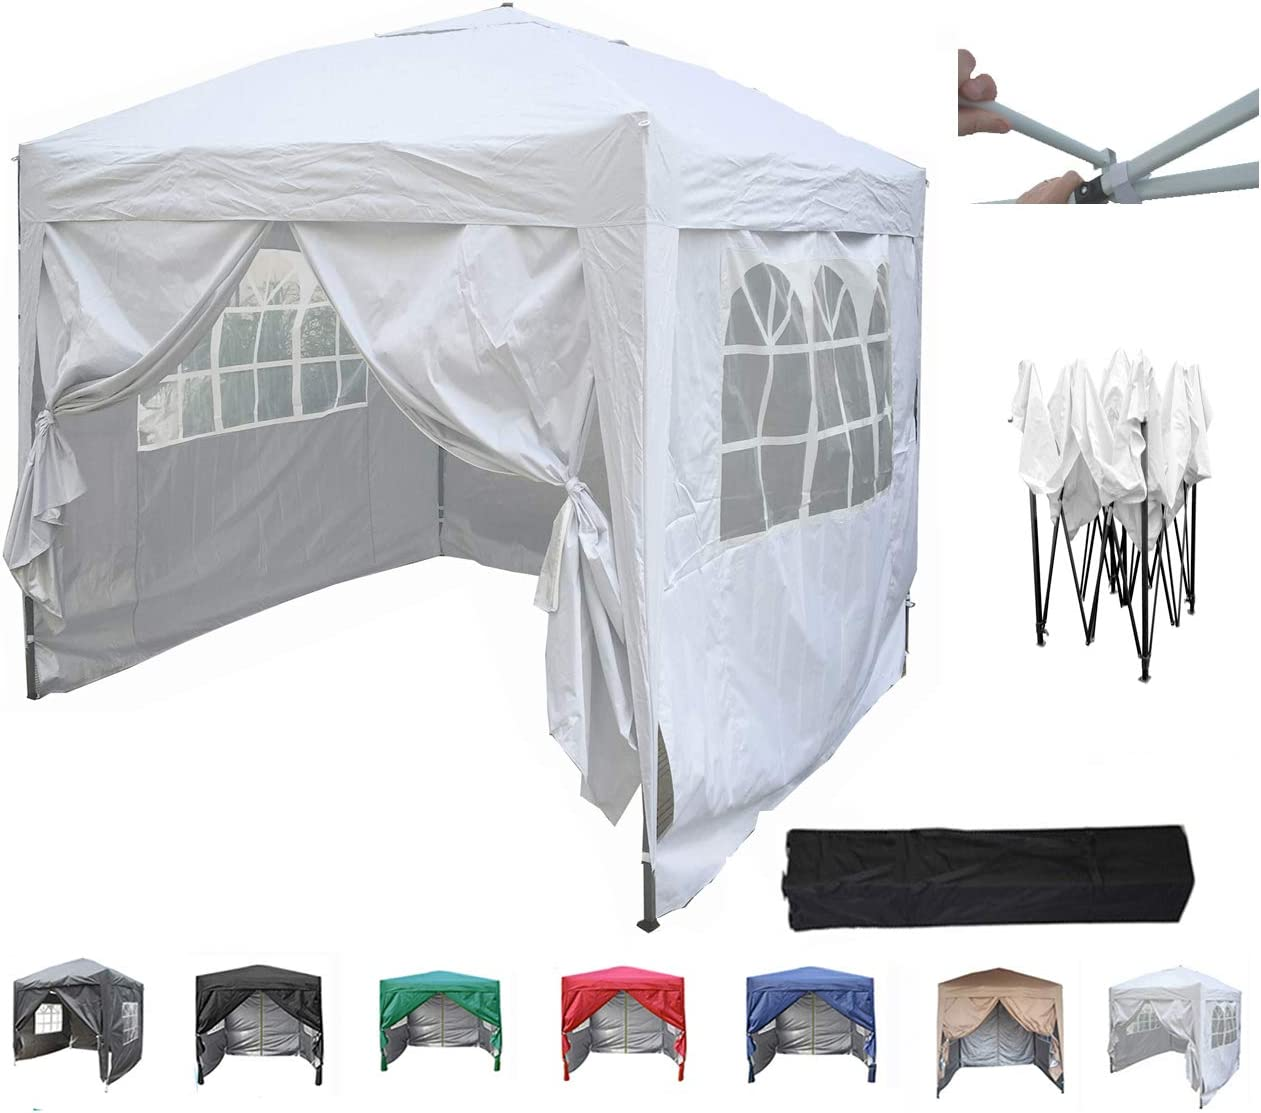 MMC - Carpa de 2 x 2 m, pérgola plegable, carpa para jardín, tienda para fiestas y celebraciones, juego completo, blanco